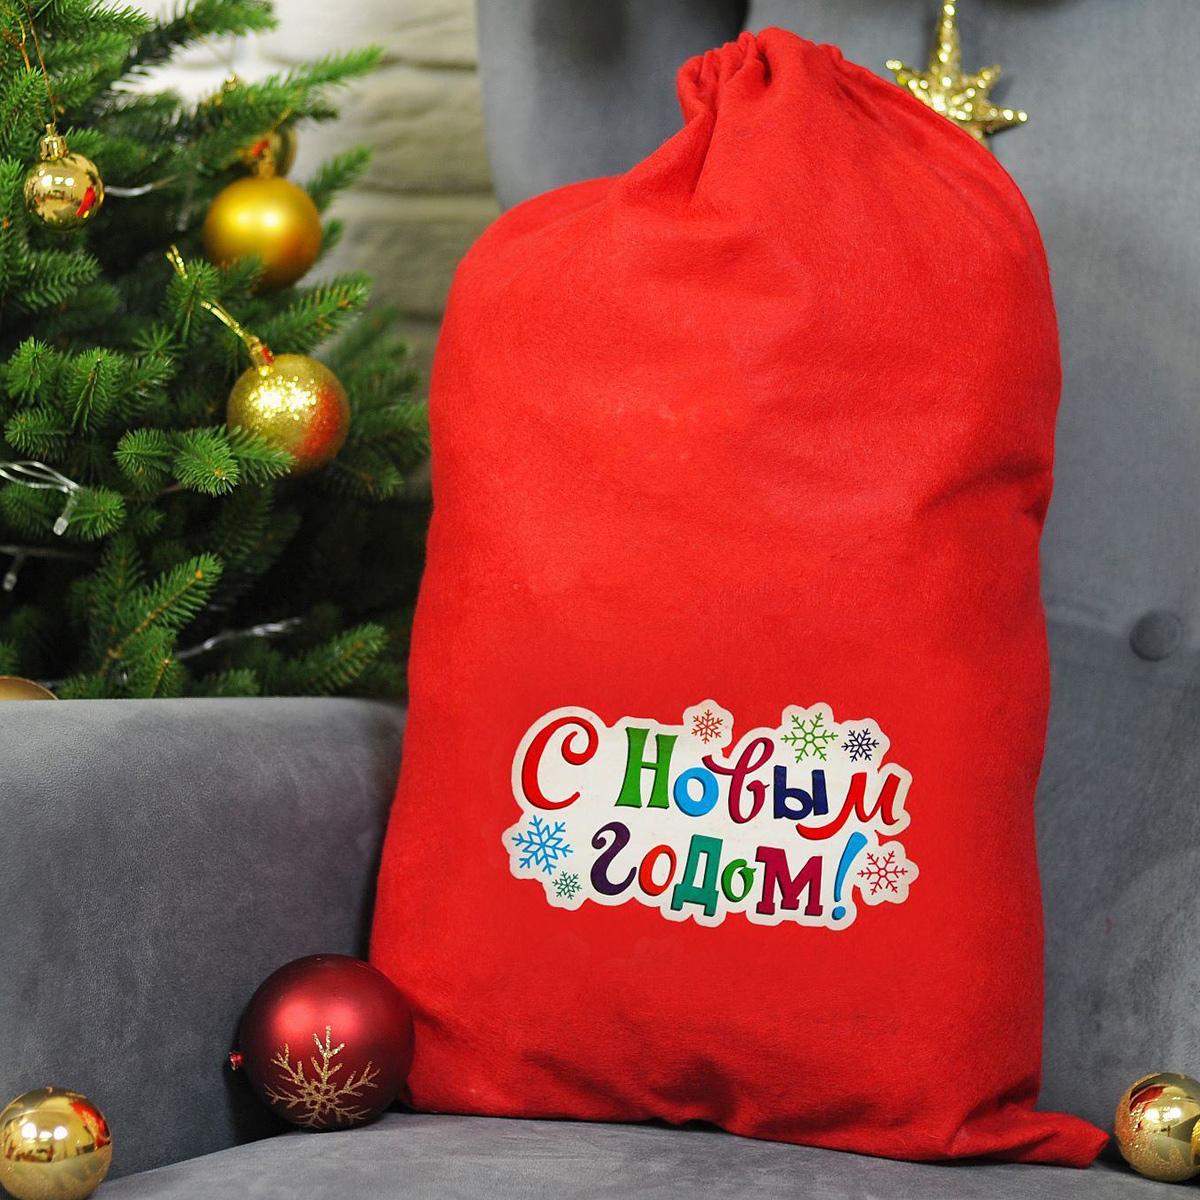 Упаковка подарочная Страна Карнавалия Мешок Деда Мороза. С Новым Годом. Снежинки, цвет: красный, 60 х 90 см1365018Подарочная упаковка Страна Карнавалия Мешок Деда Мороза. С Новым Годом. Снежинки превратит любое торжество в настоящий яркий и веселый карнавал полный сюрпризов и смеха. Яркий красный аксессуар с надписью дополнит любой праздничный наряд, и все близкие будут рады получить из рук краснощекого персонажа заслуженный подарок!Размер: 60 х 90 см.